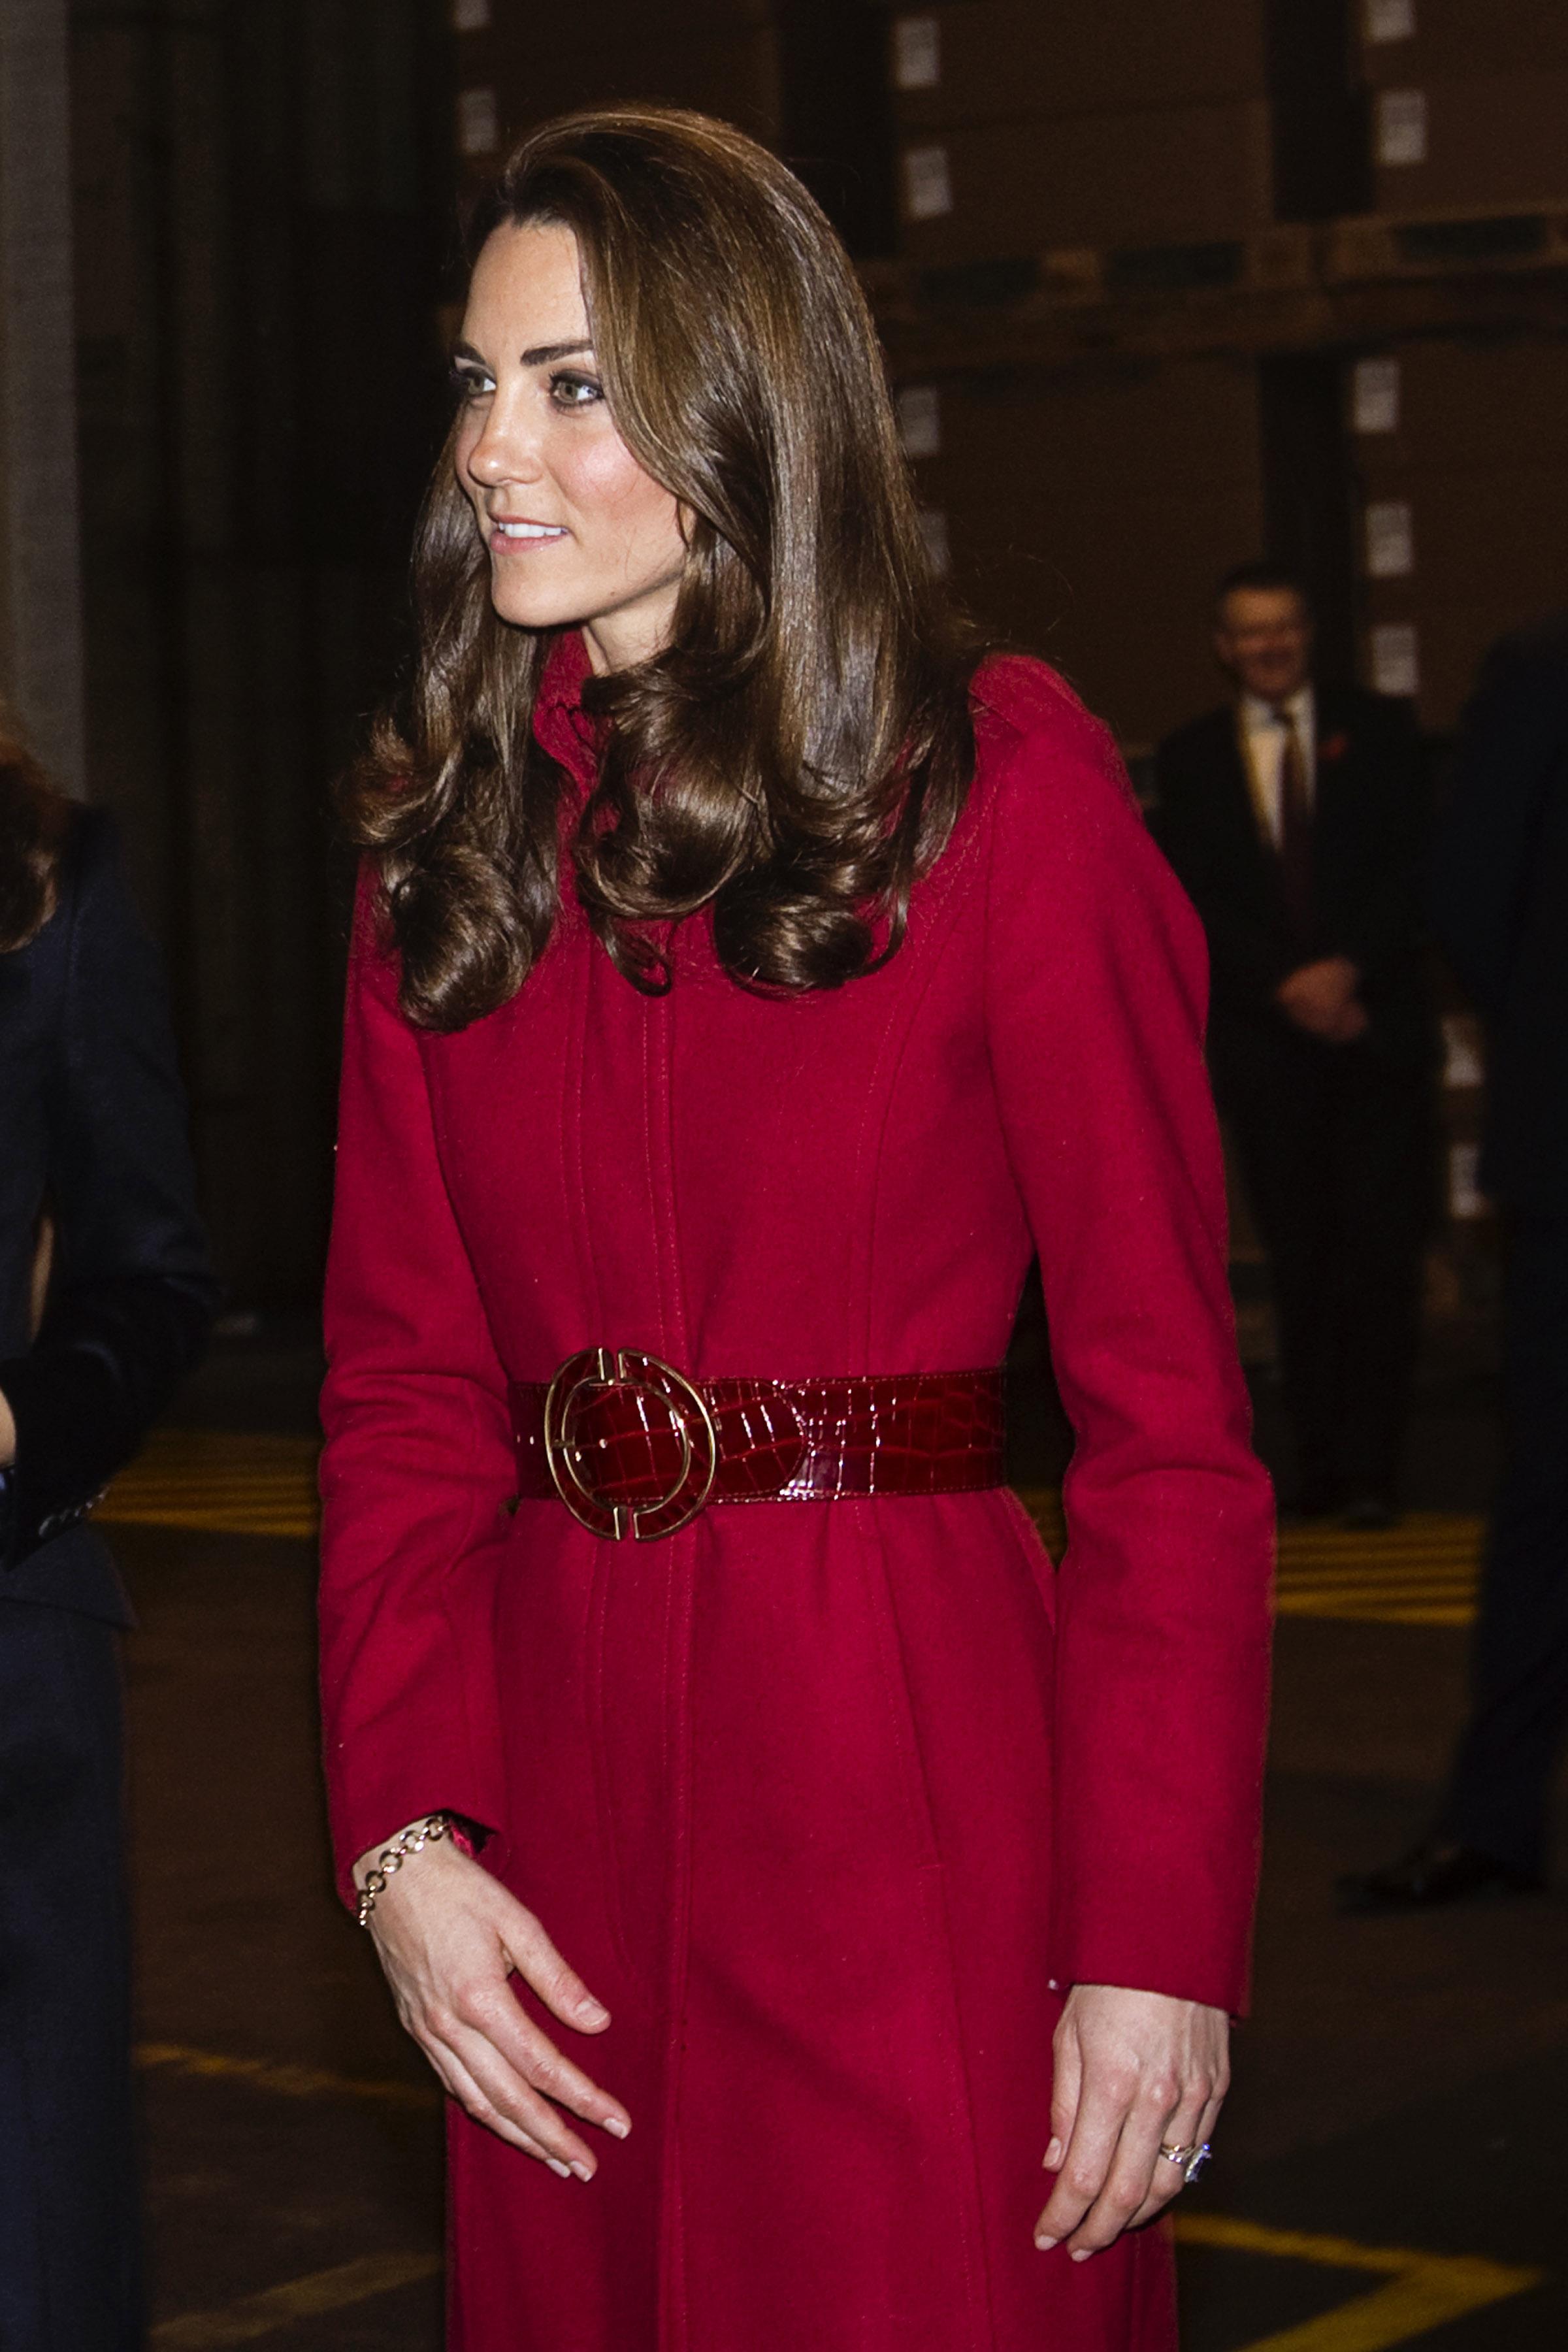 Кейт Миддлтон уже надевала красное пальто от LKBennett в 2011 году